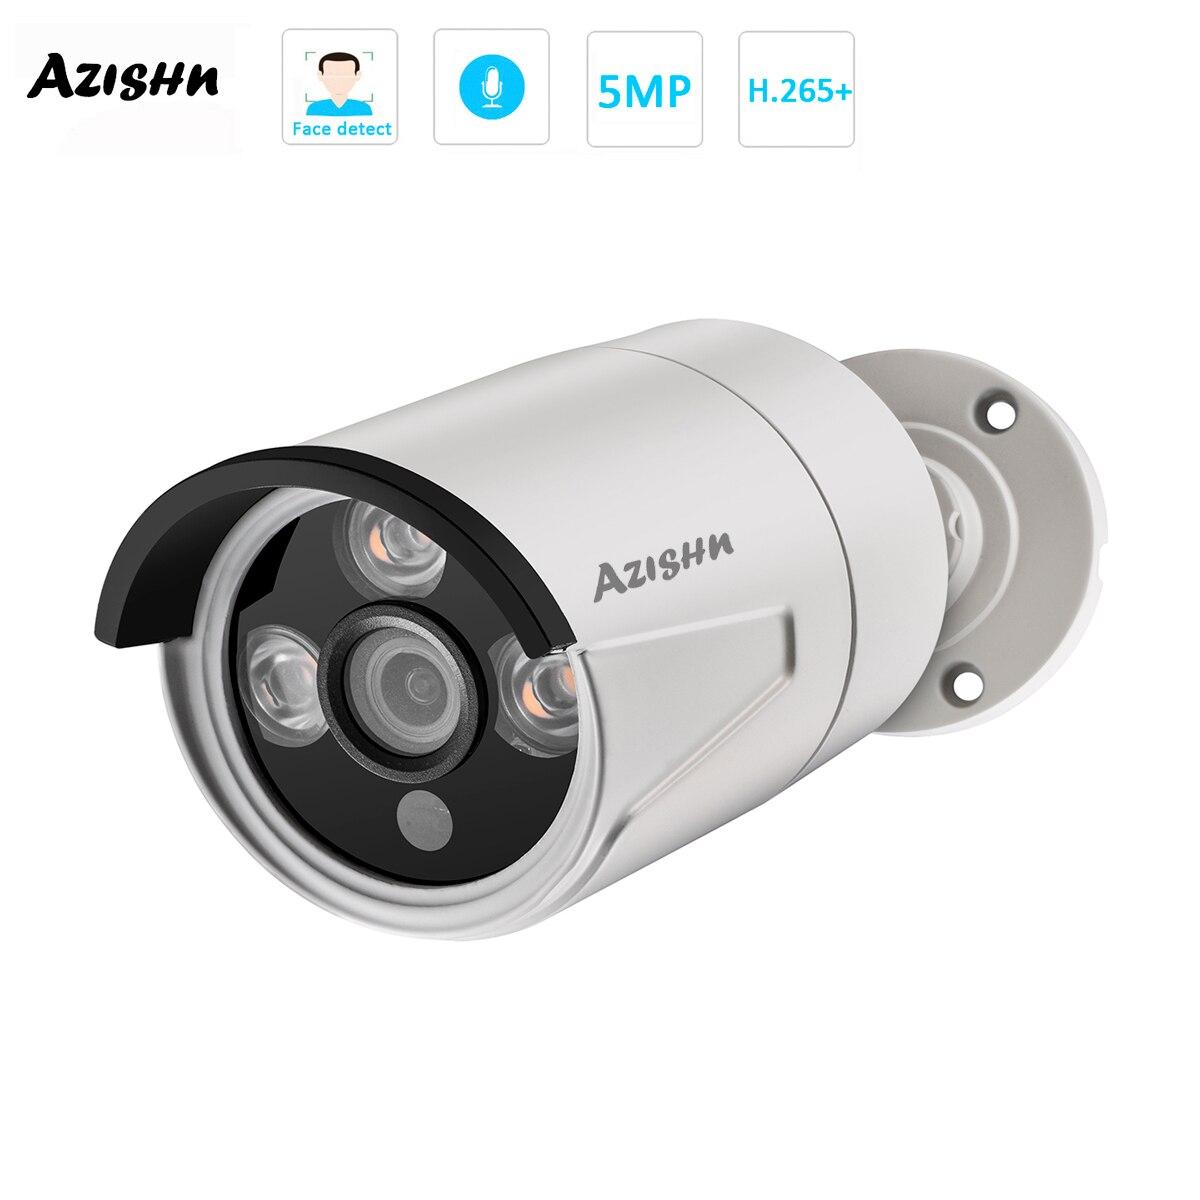 AZISHN H.265 + 5MP POE IP Kamera 2592X1944 Outdoor Video Gesicht erkennung 3IR Array LEDS CCTV Sicherheit ONVIF für POE NVR System